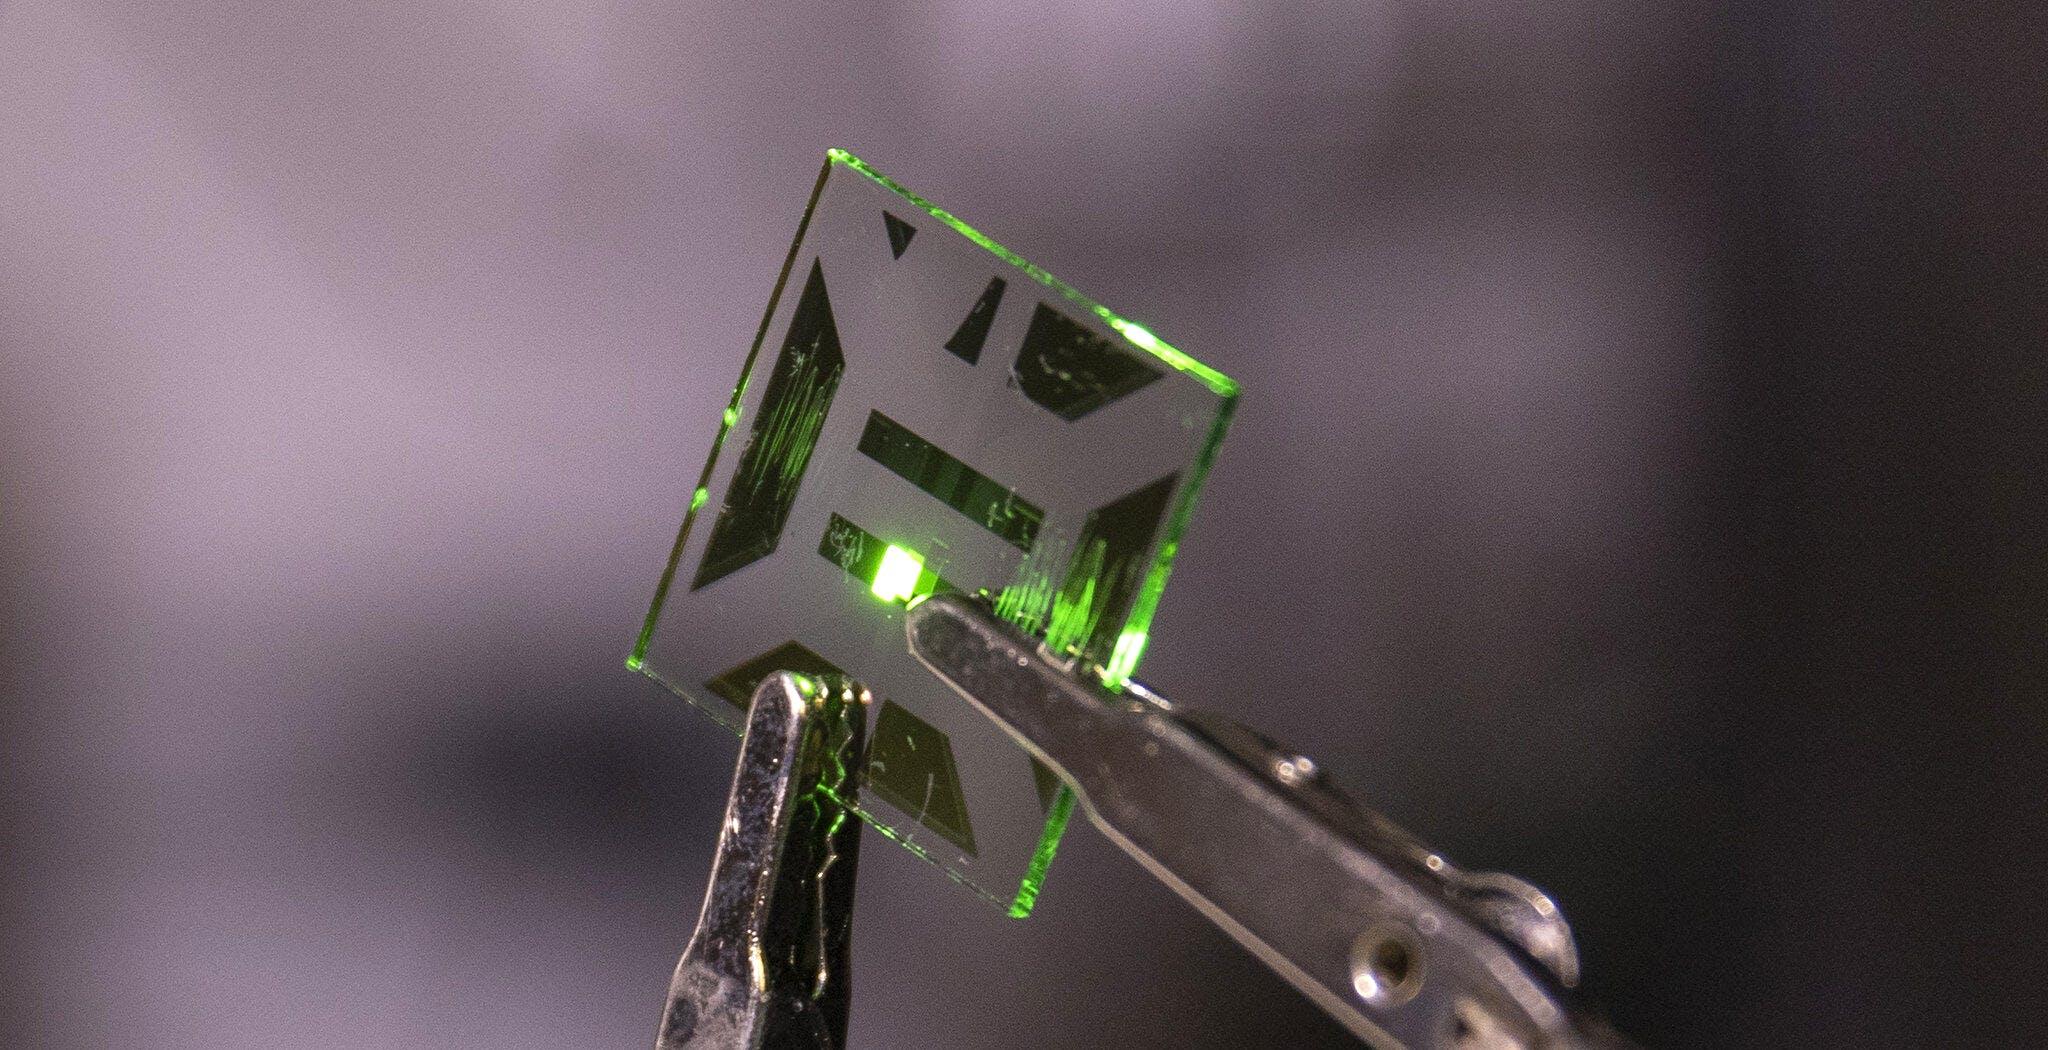 Pannelli OLED più efficienti grazie ad un nuovo elettrodo trasparente. Dall'indio-stagno si passa al rame-argento